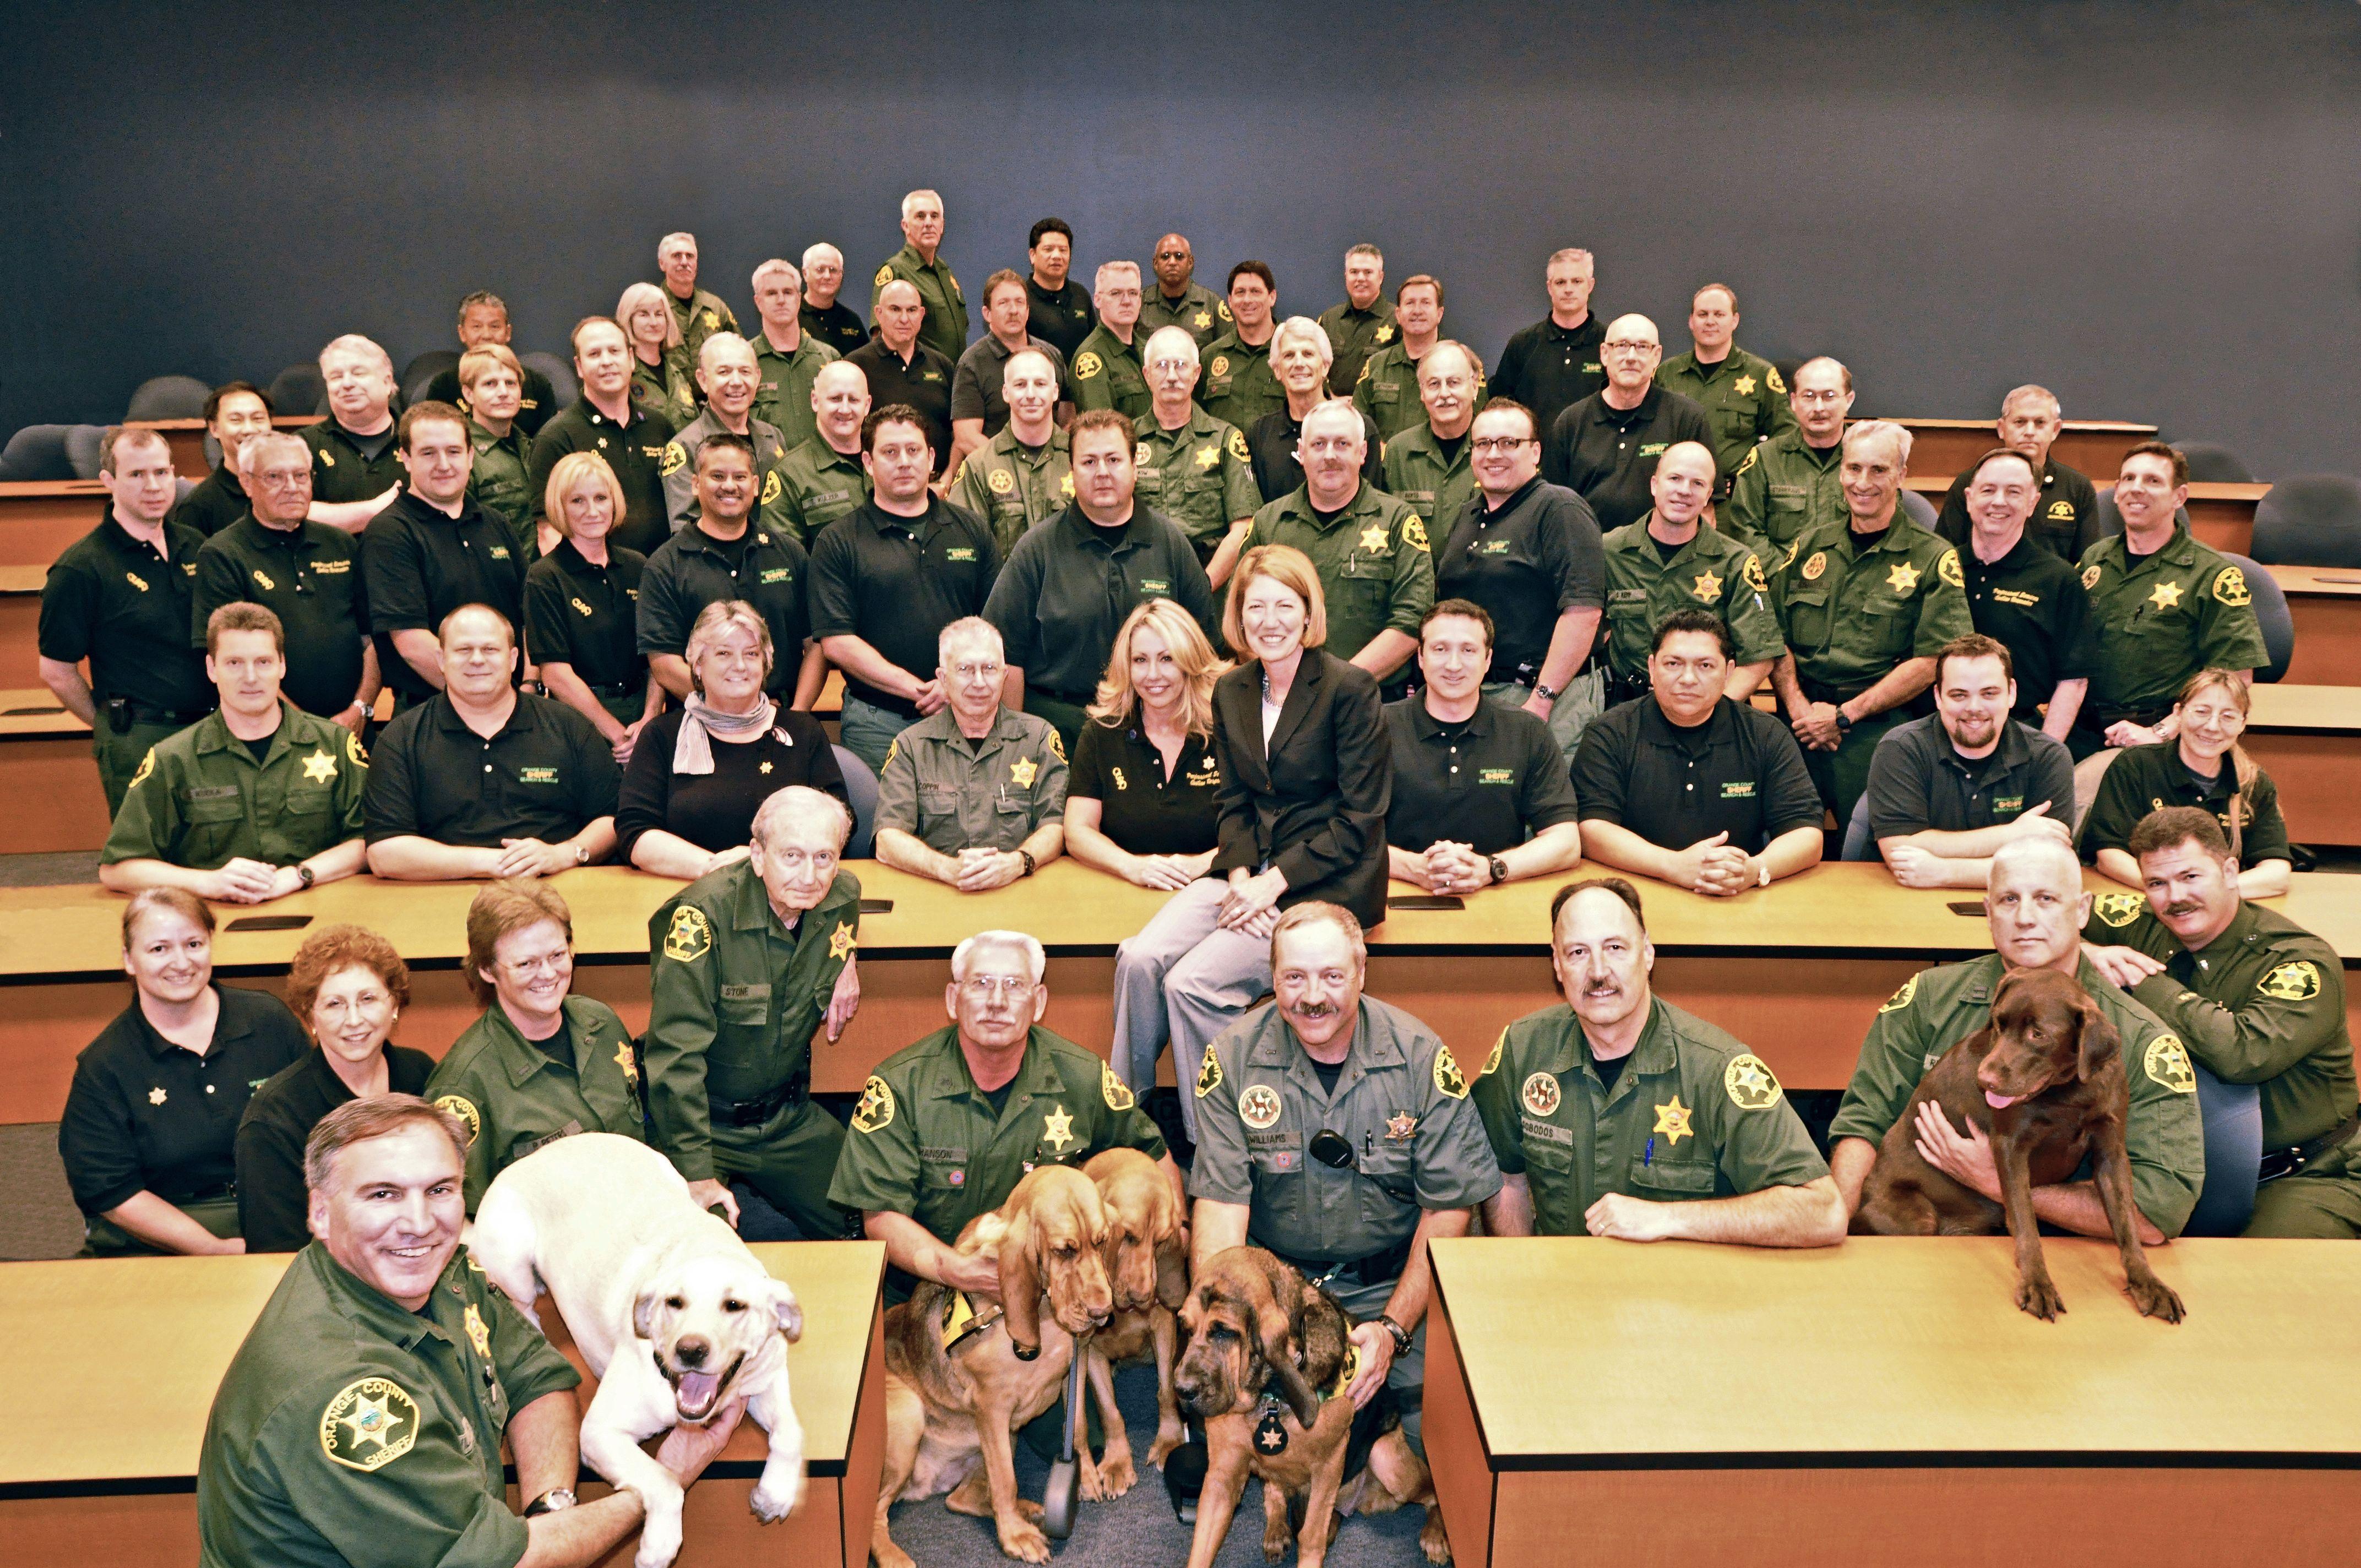 Search & Rescue Reserve Unit Team Orange County (Ca